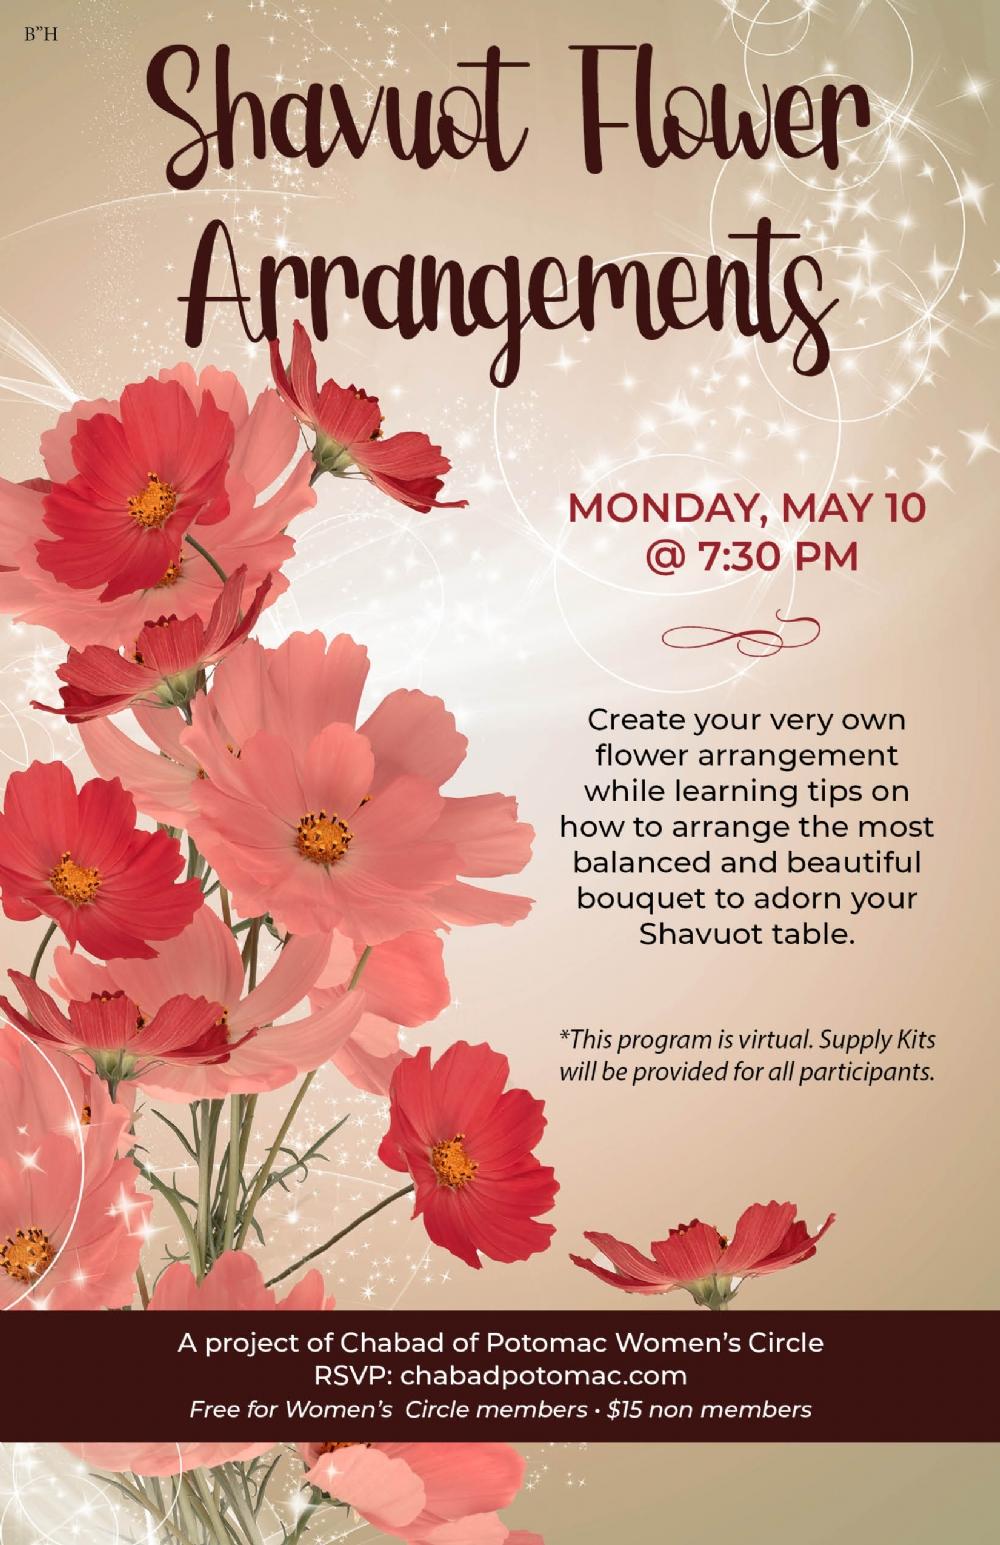 Shavuot Floral arrangements.jpg